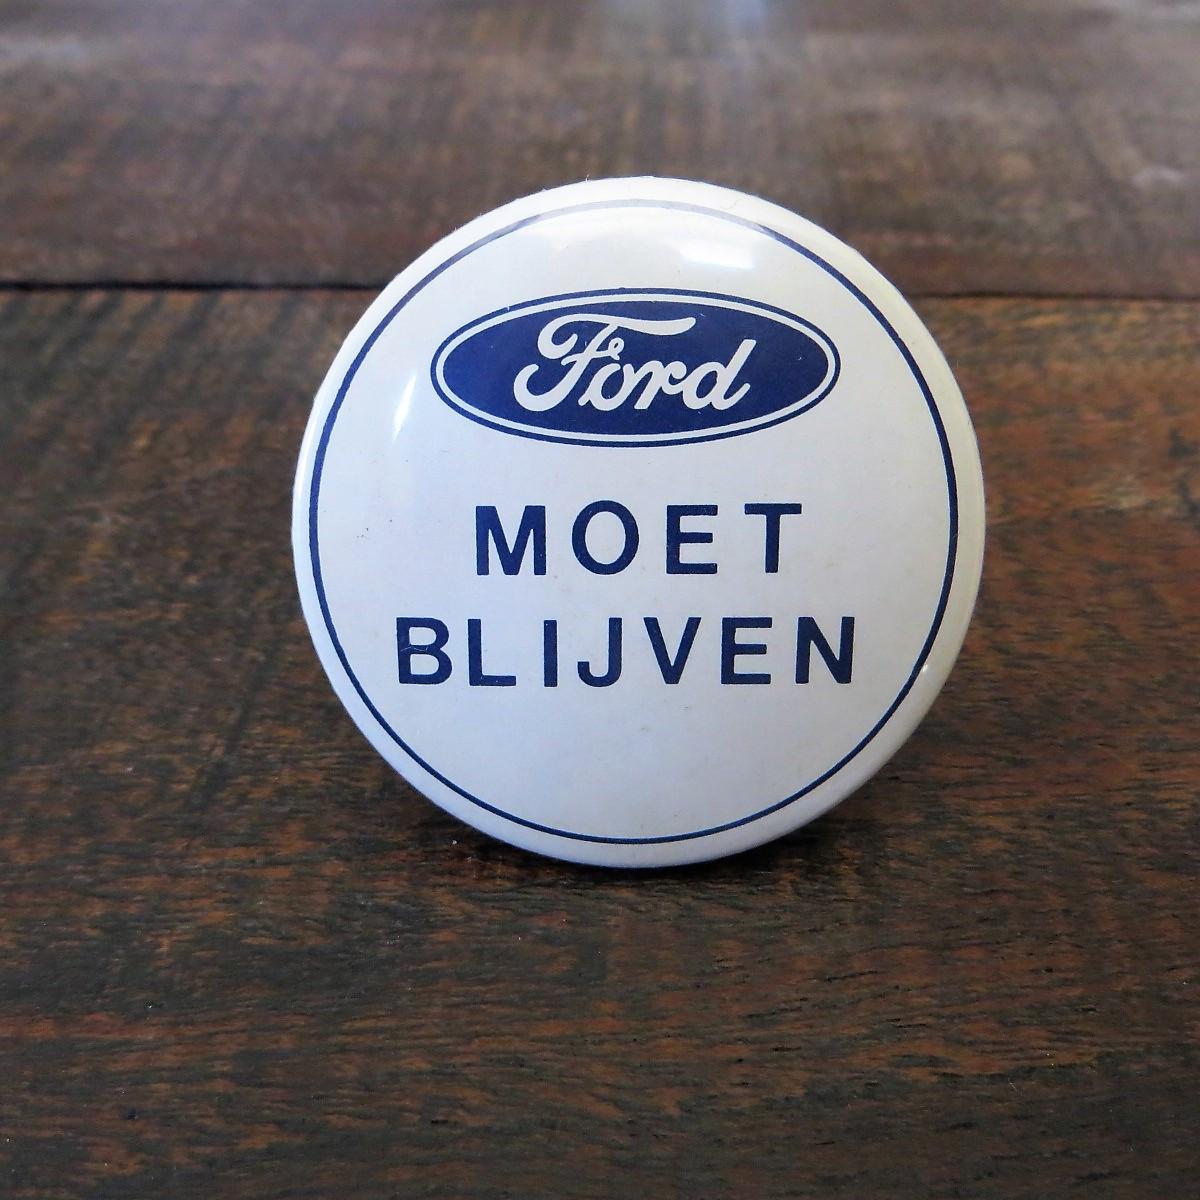 button-ford-moet-blijven-1